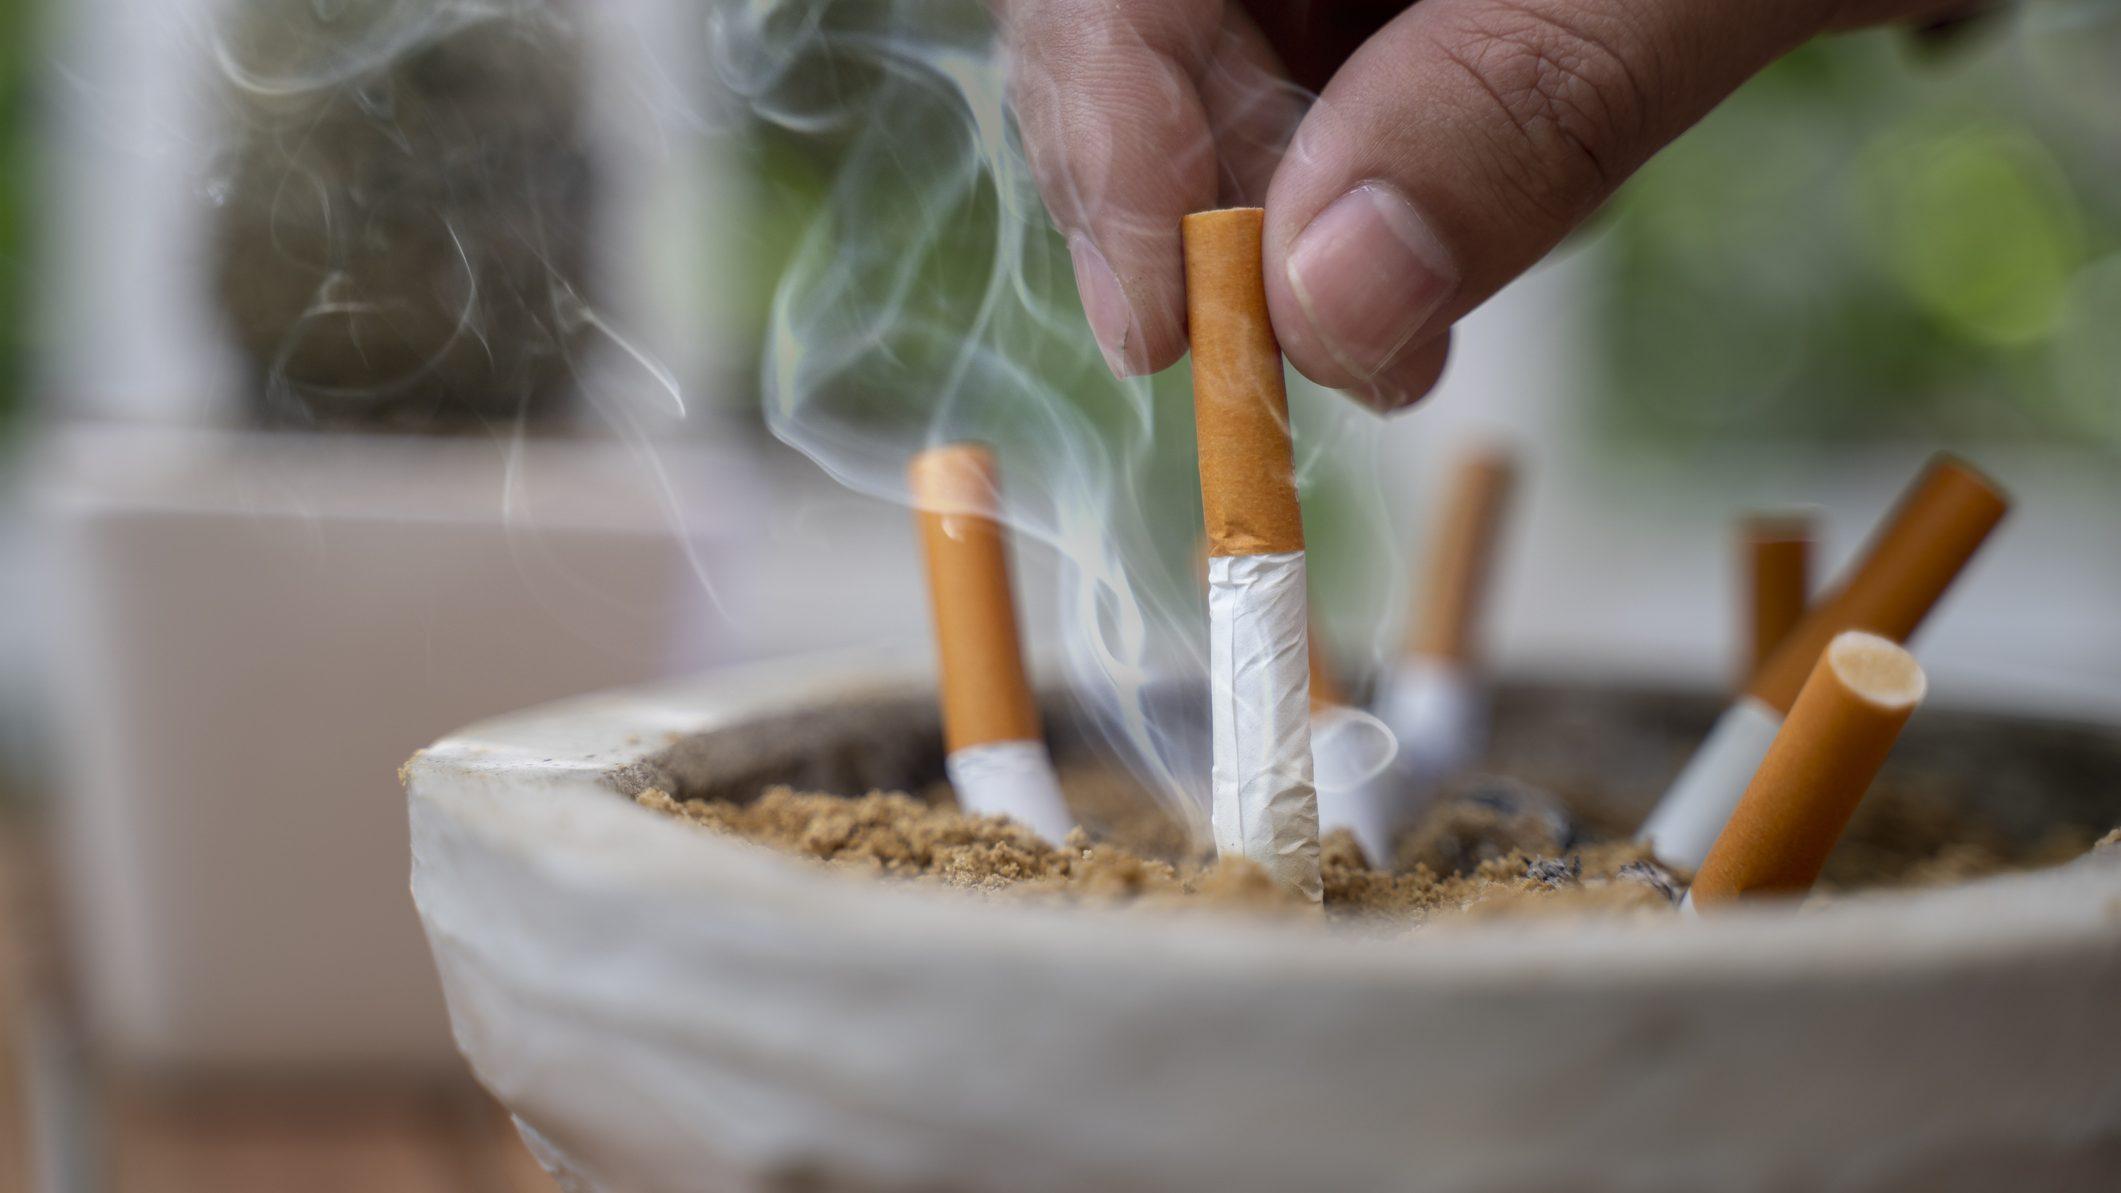 akik abbahagyták a dohányzást 2021-ban a dohányzásról való leszokás hatékony módja